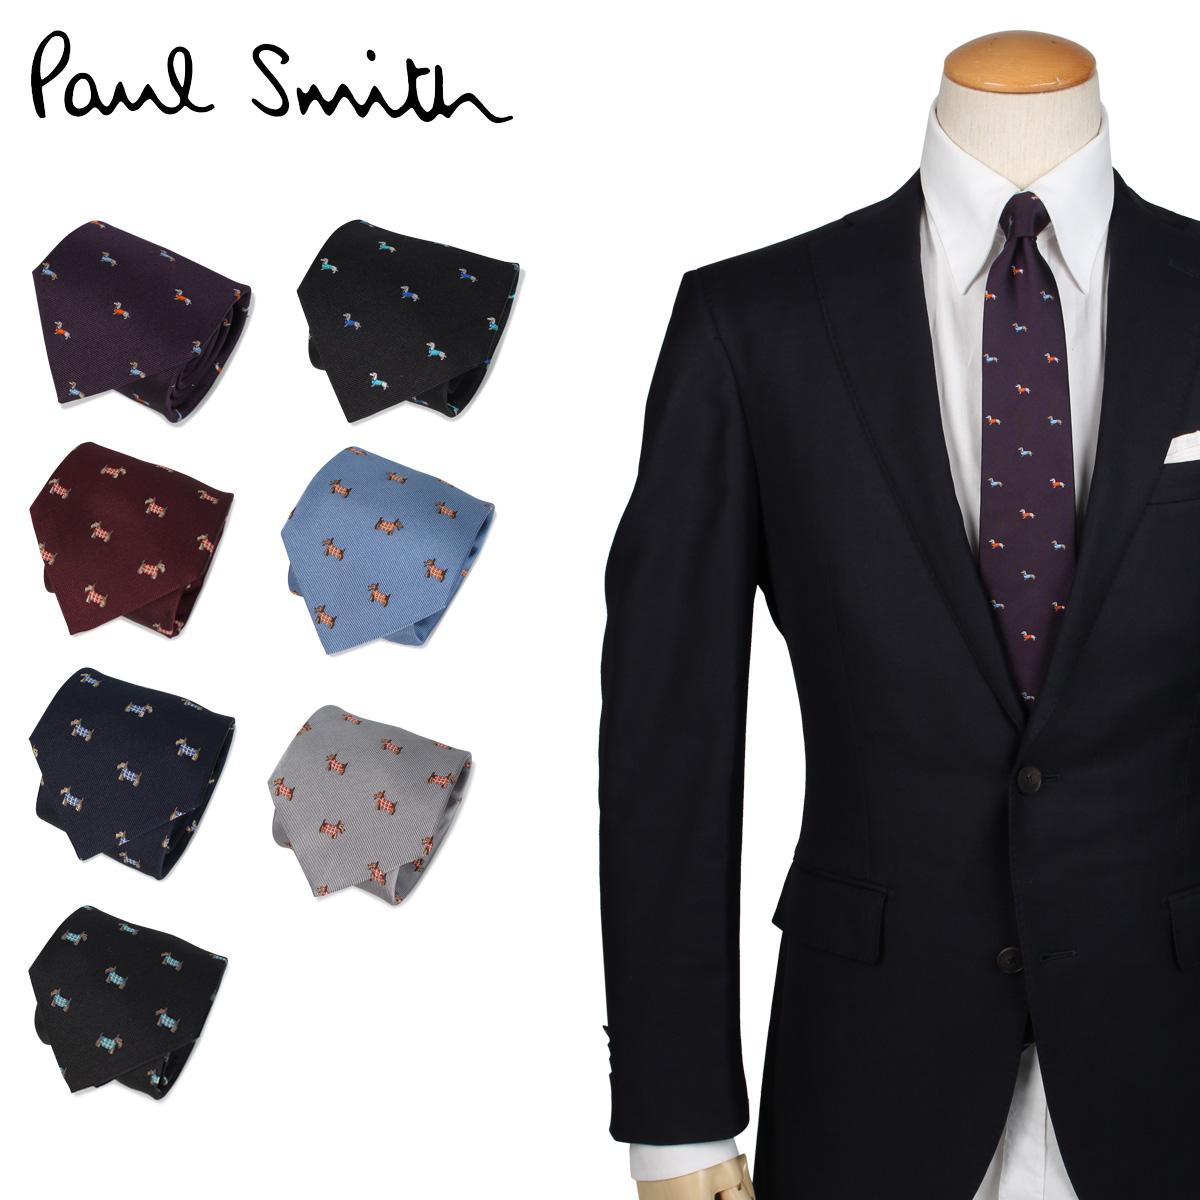 美しい Paul Smith ポールスミス イタリア製 ネクタイ メンズ イタリア製 シルク ポールスミス ビジネス ネクタイ 結婚式 TIE, 西松屋チェーン:19d65d5c --- kanvasma.com